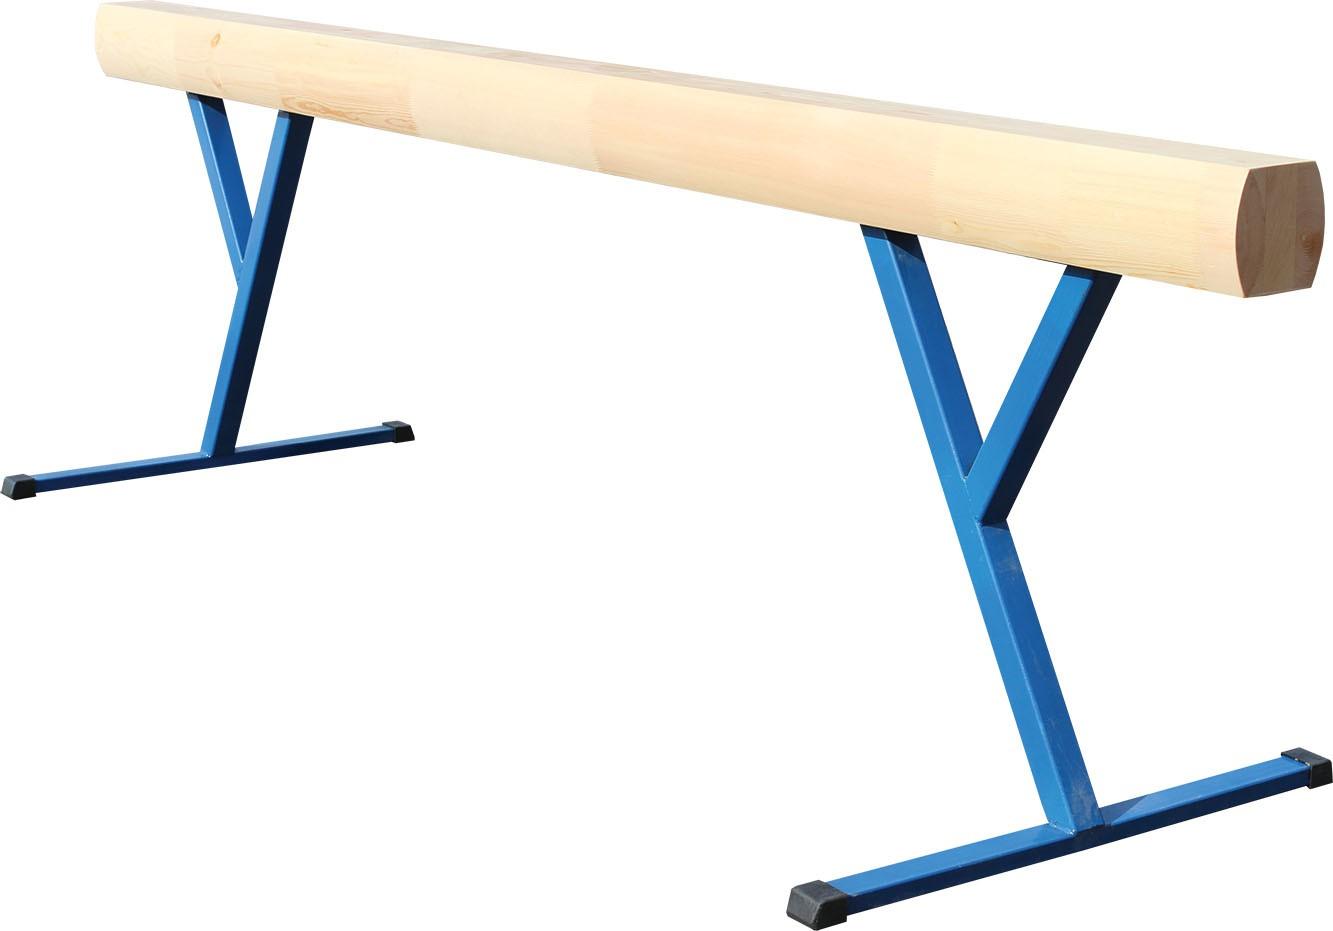 Бревно гимнастическое 5 м переменной высоты 700-1200 мм